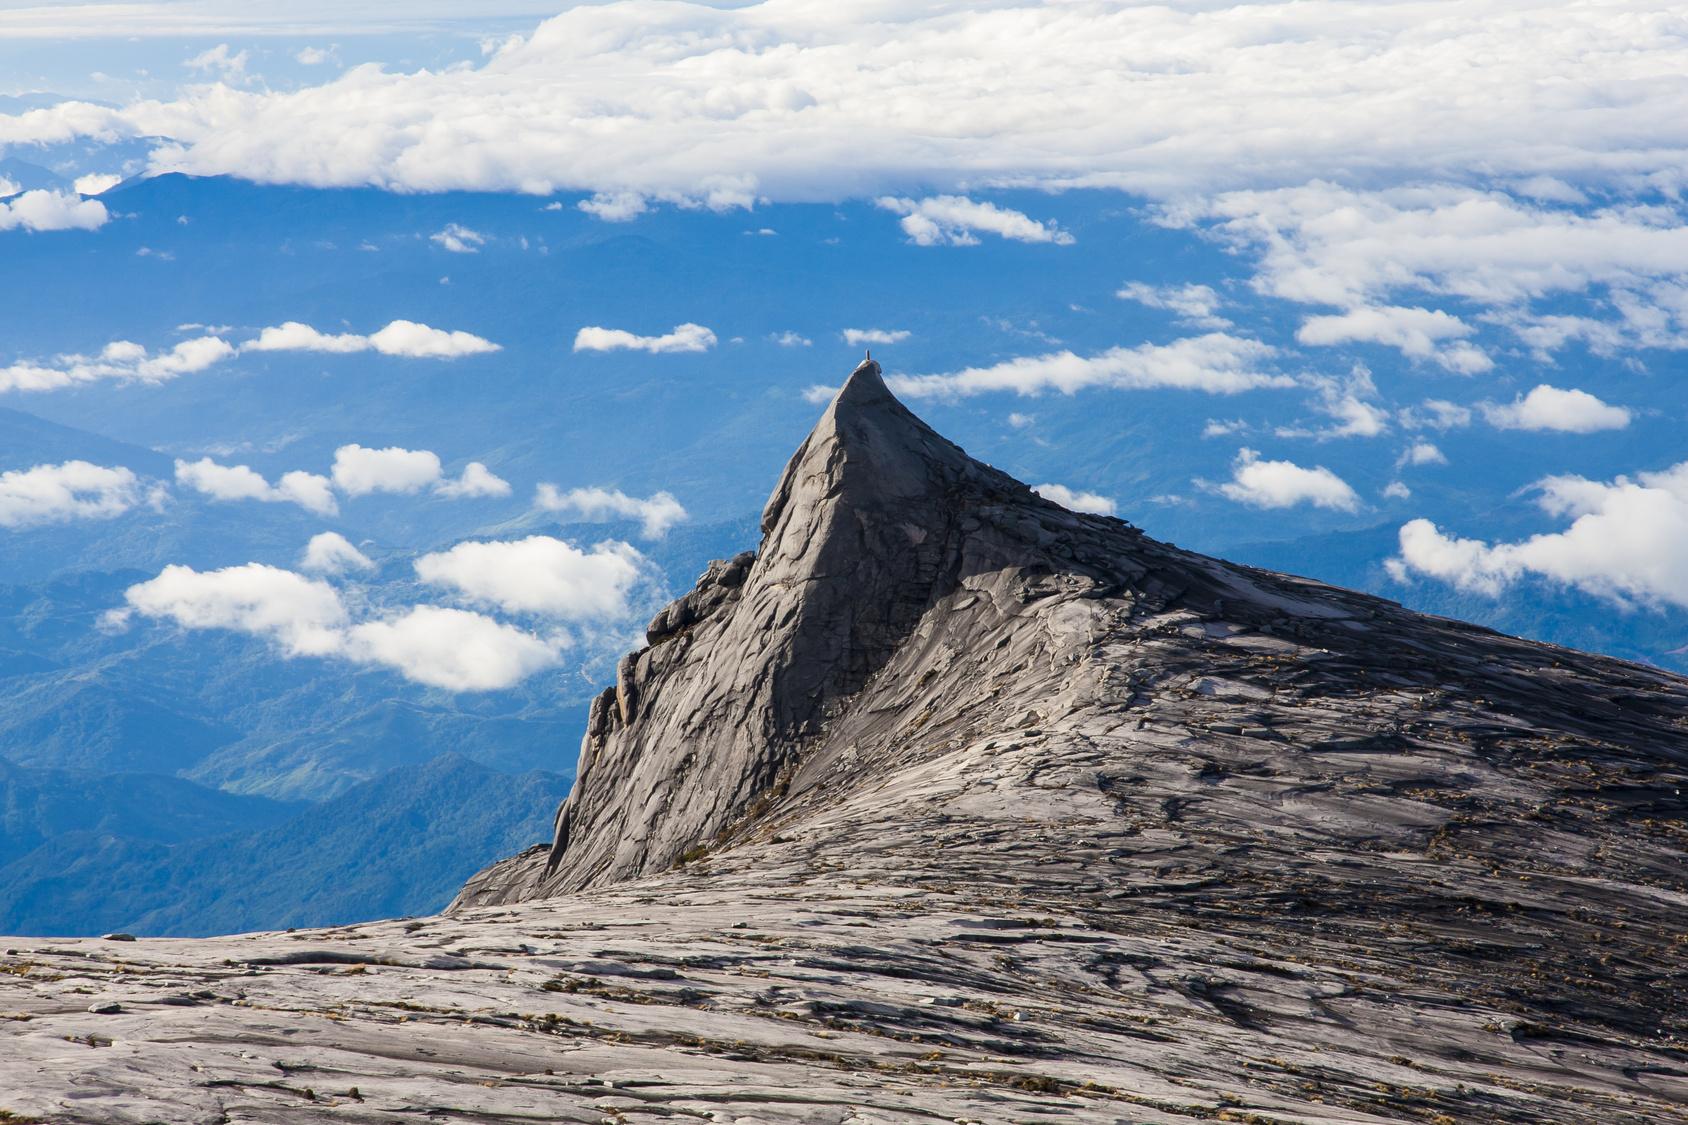 キナバル山登山!マレーシアが誇る東南アジアの最高峰は初心者にもおすすめ!